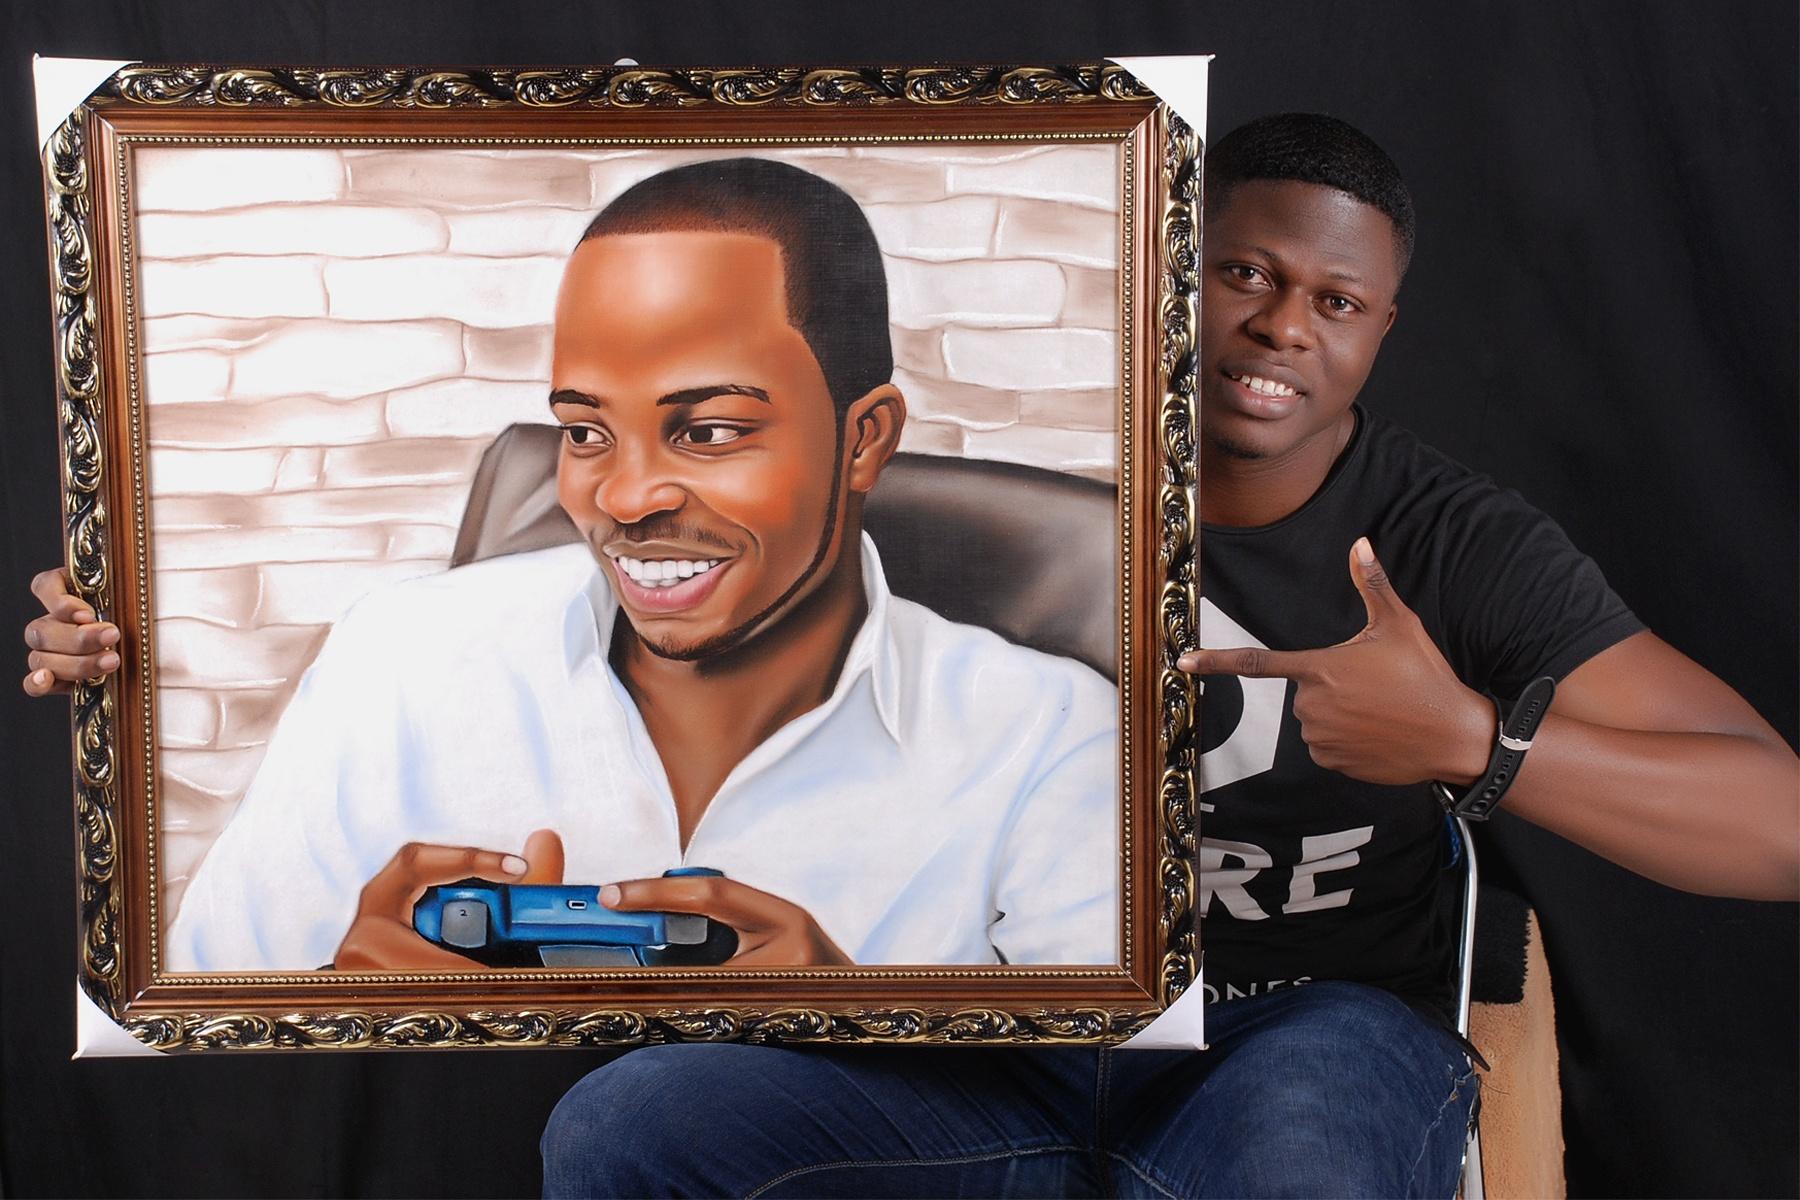 Dr. Samuel, Tony Elumelu Entrepreneur